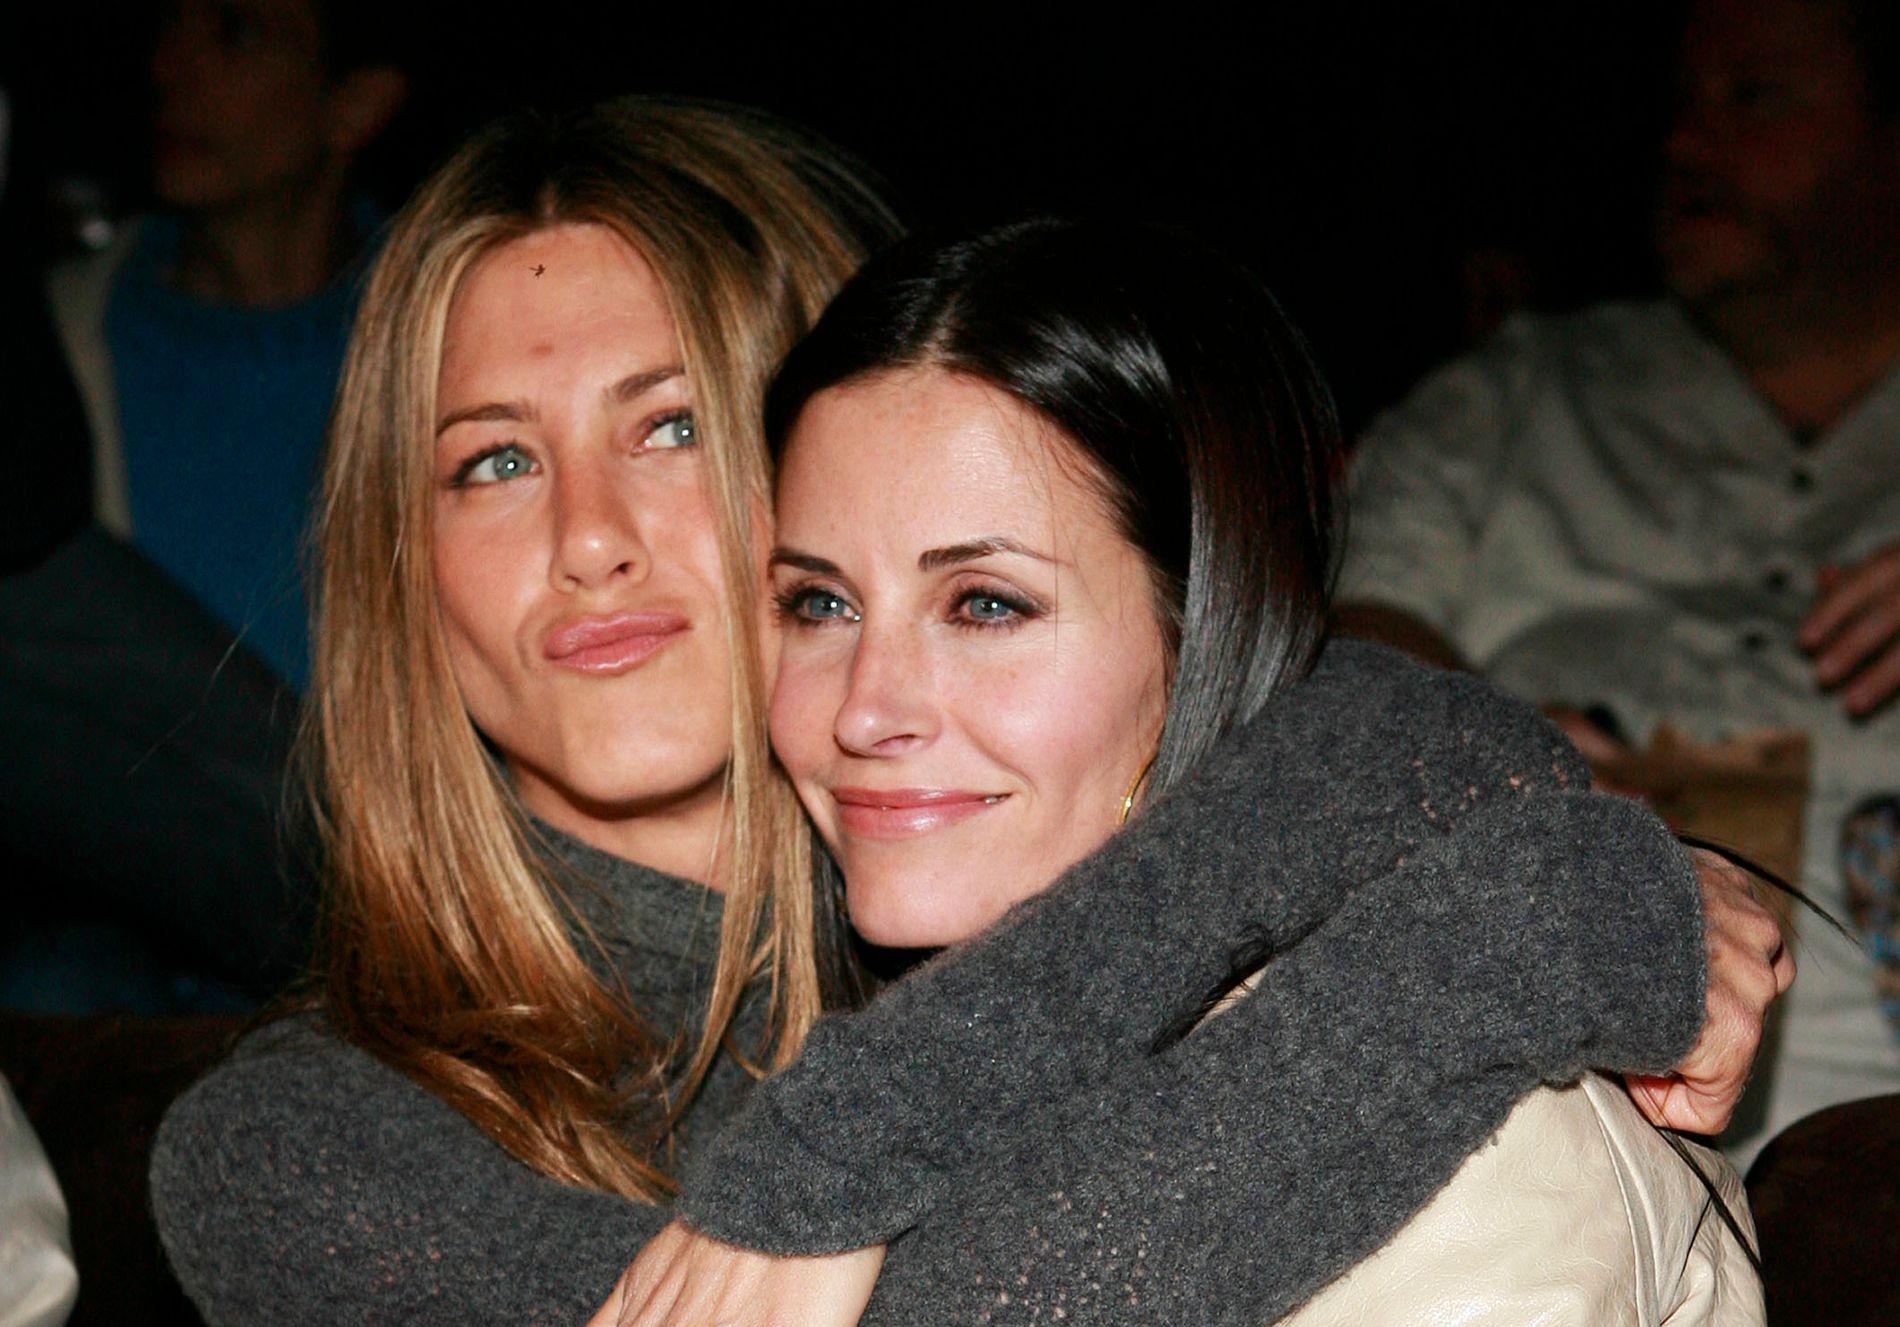 GODE VENNER: Jennifer Aniston og Courteney Cox spilte sammen i suksess-serien «Friends» på 1990- og tidlig på 2000-tallet. De er også venner på privaten.